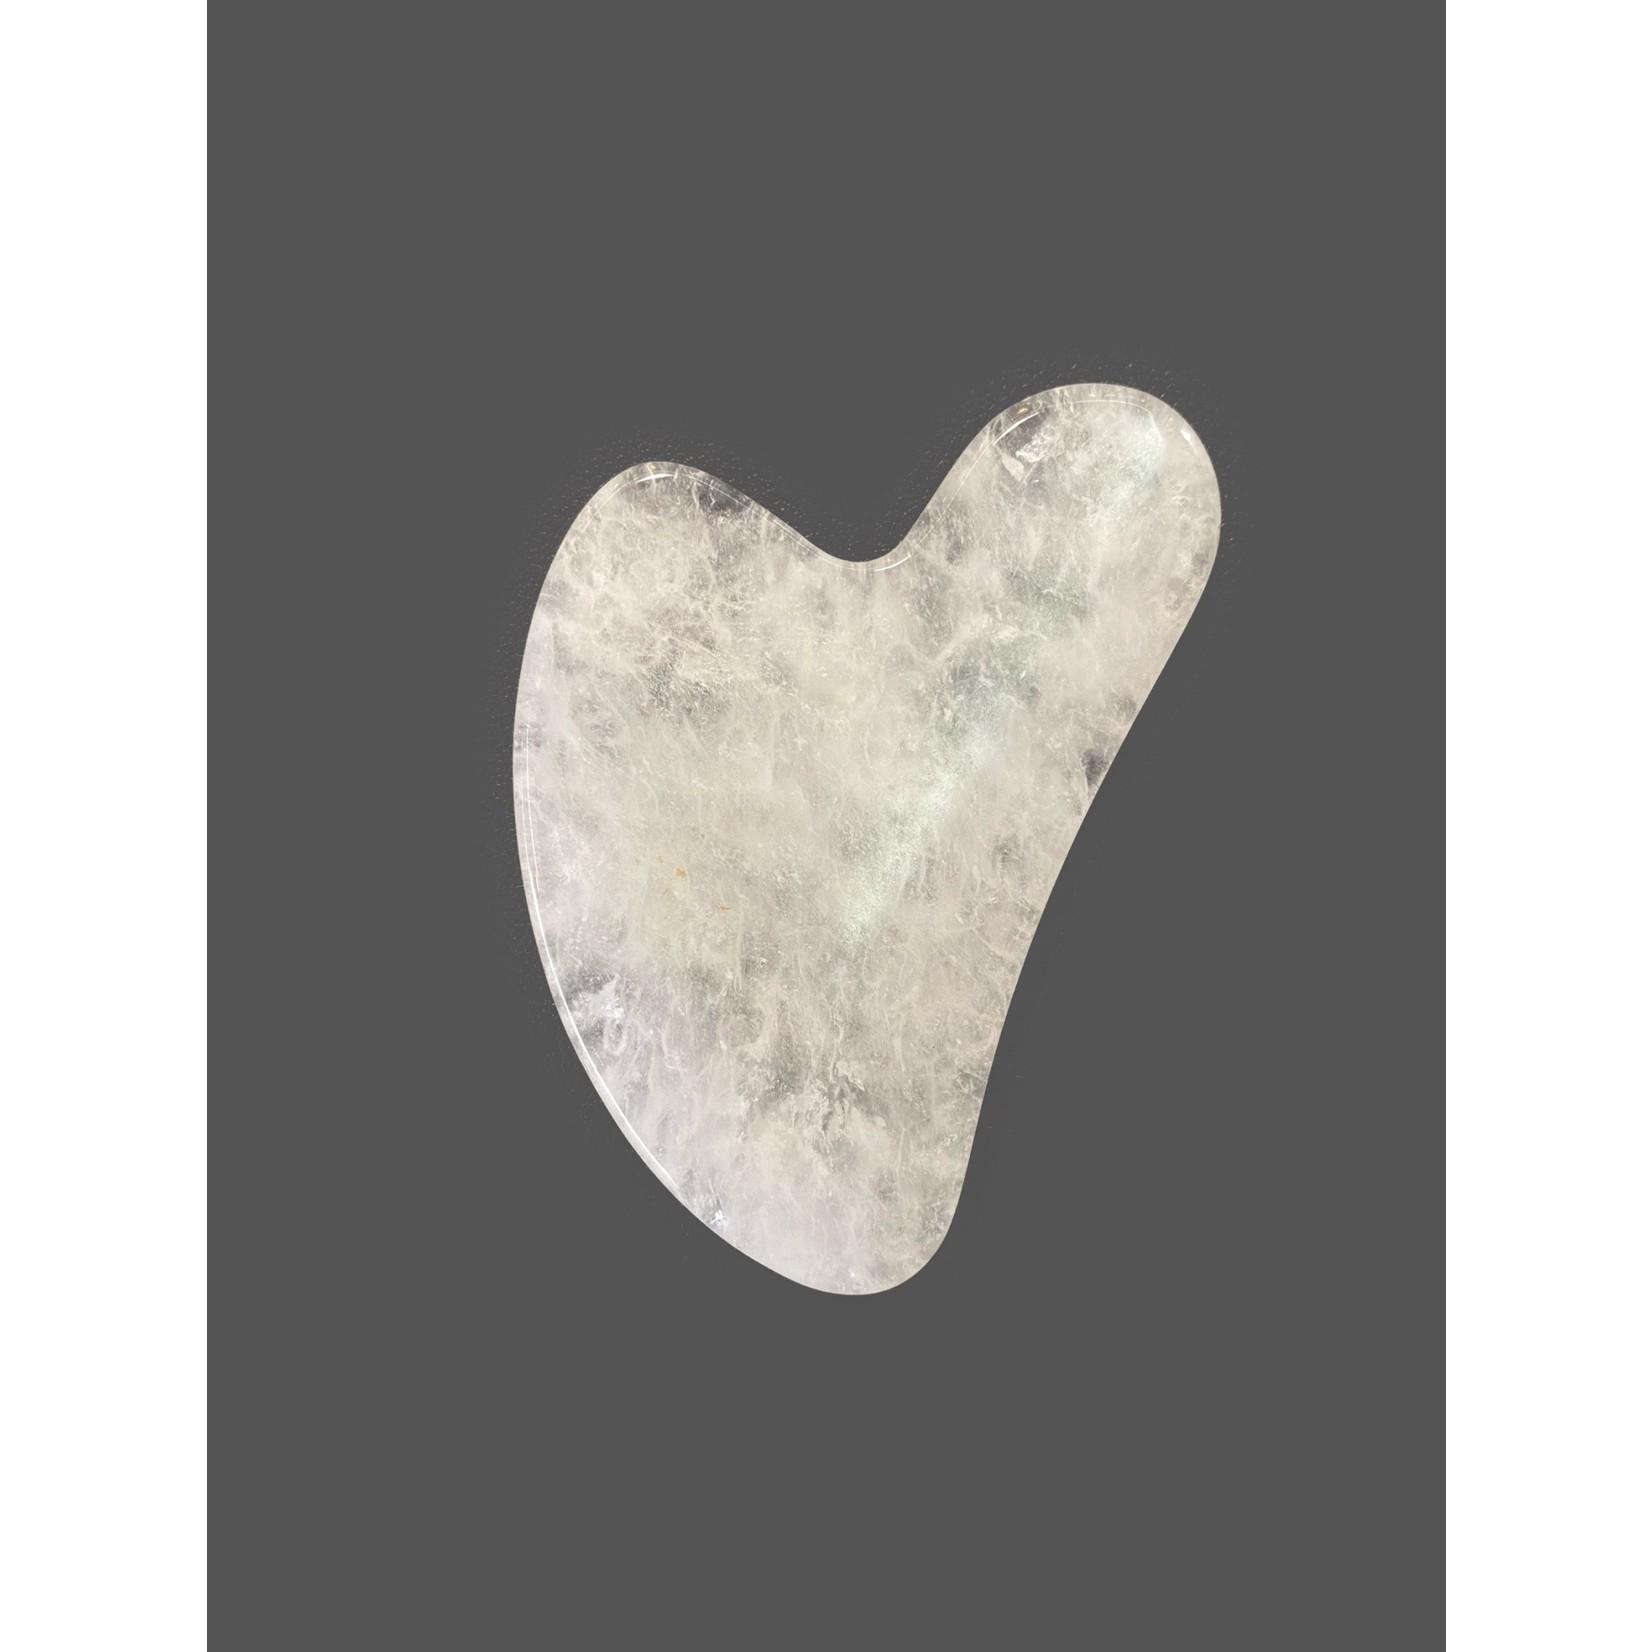 Piedra de masajes de cuarzo claro gua sha 8 cm